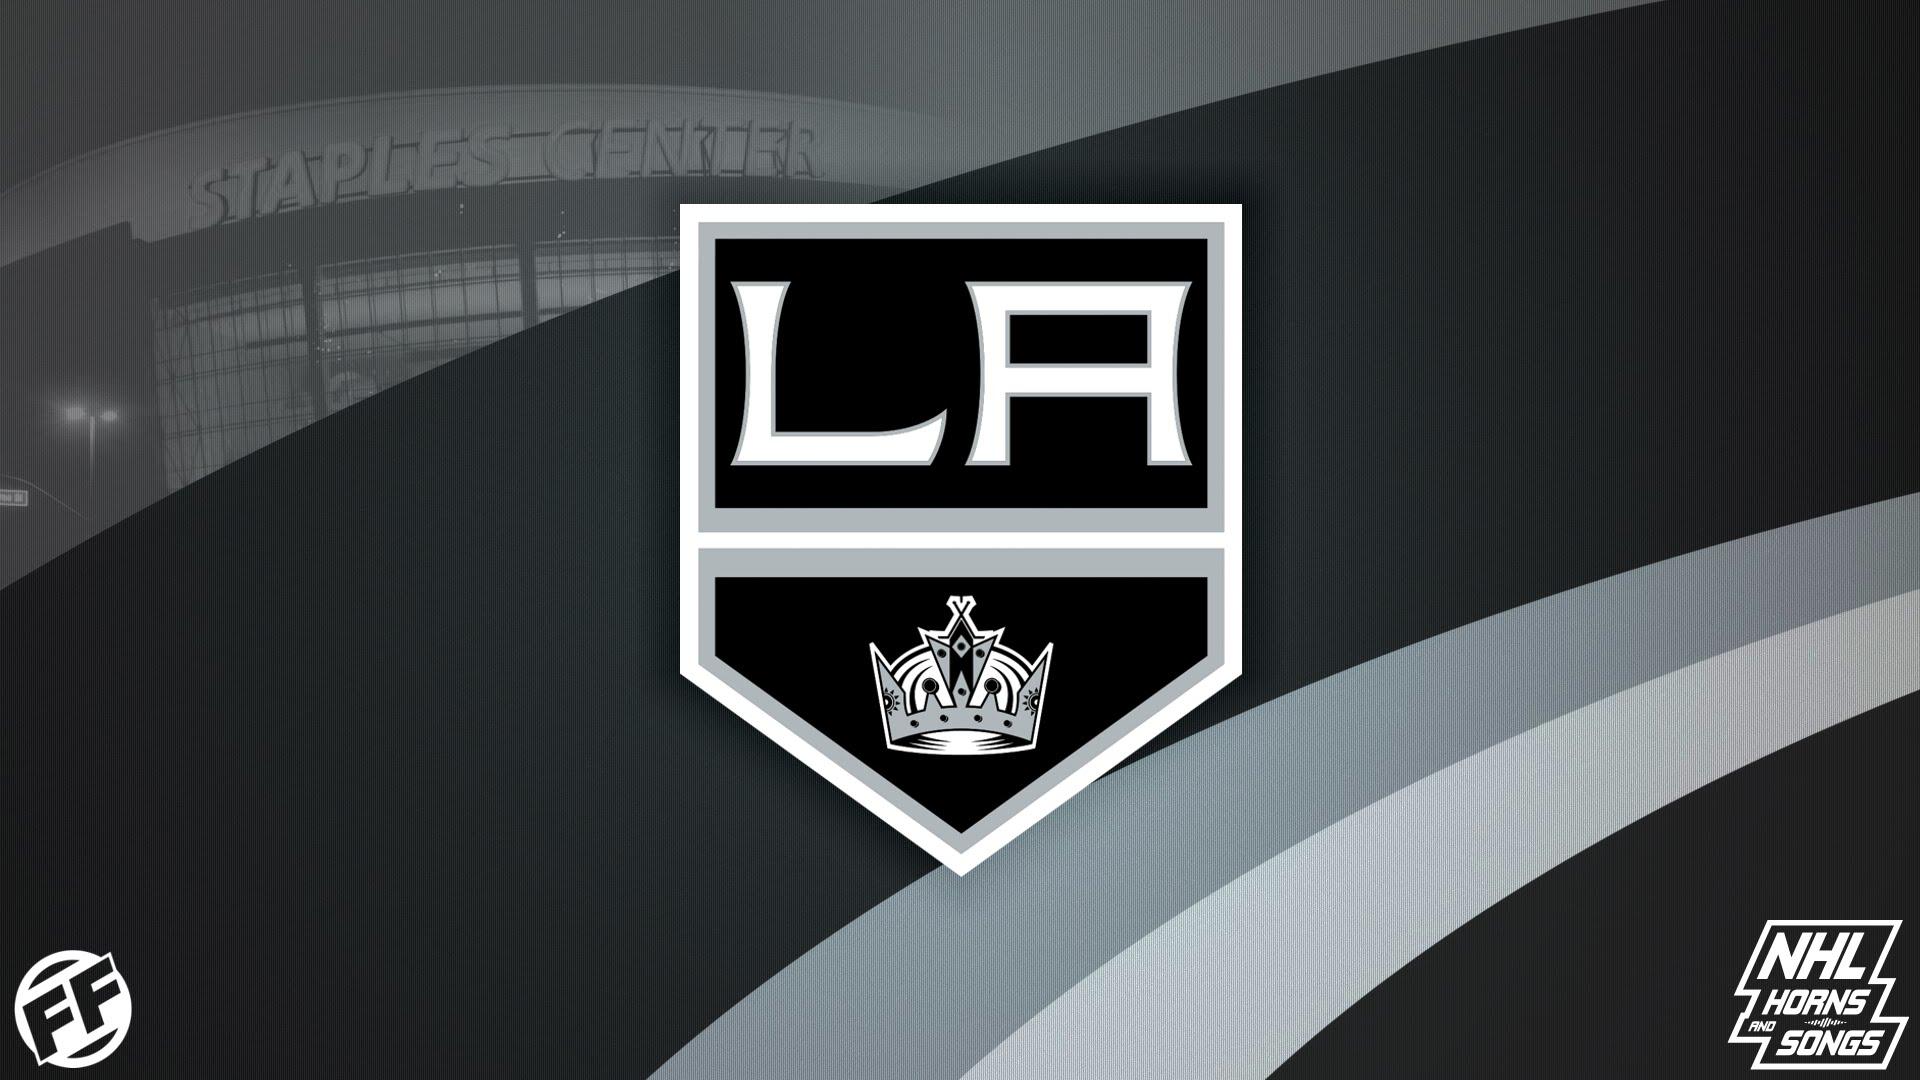 Los Angeles Kings Wallpaper - La Kings 2018 Logo , HD Wallpaper & Backgrounds